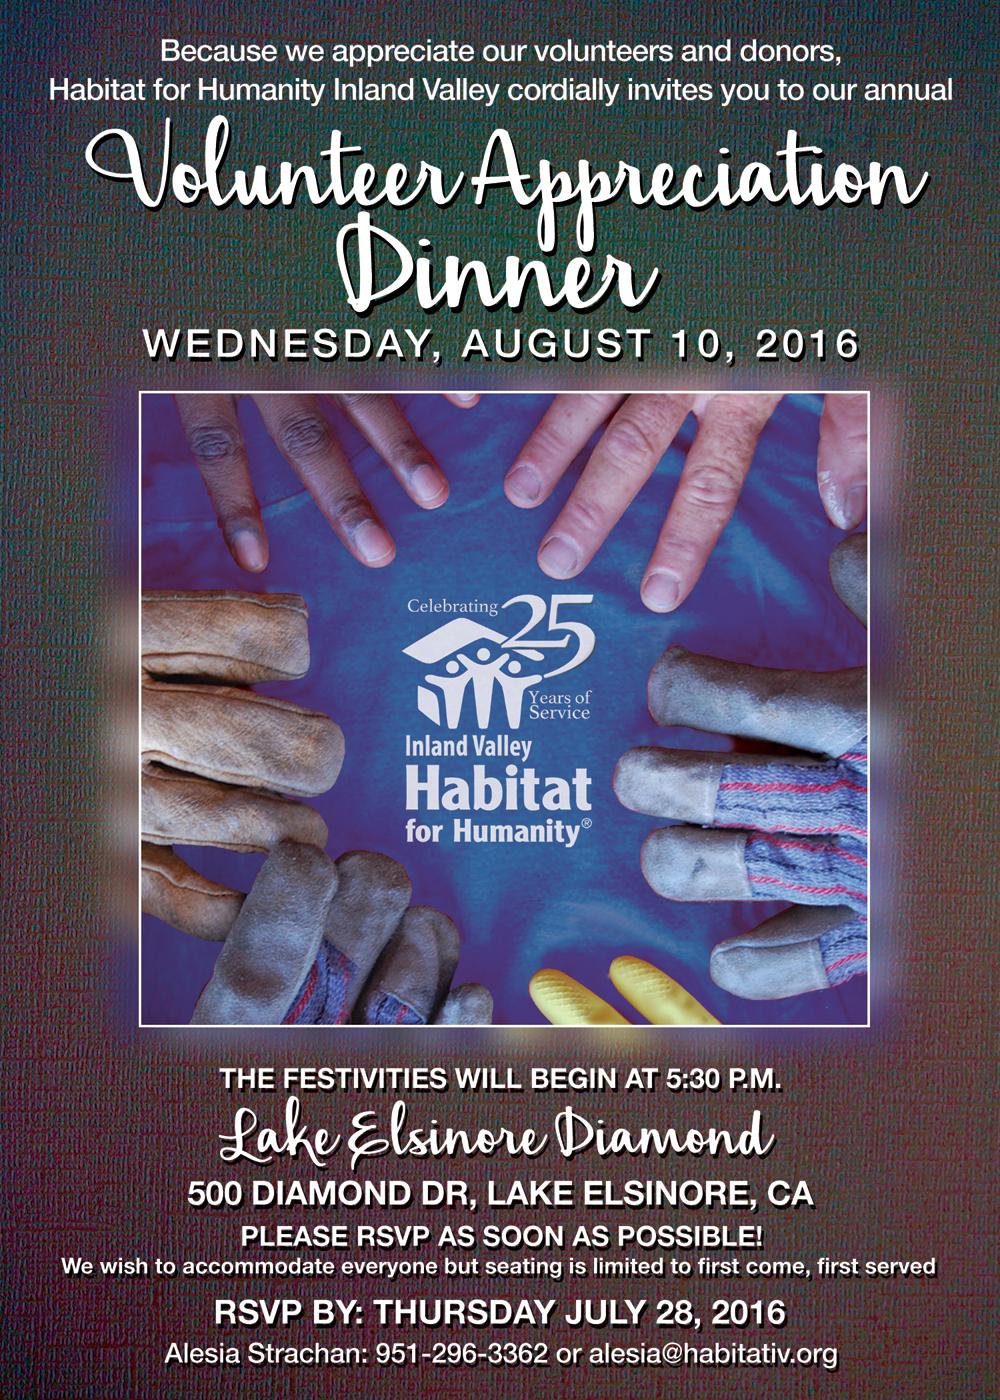 Volunteer Appreciation Dinner HABITAT FOR HUMANITY INLAND VALLEY